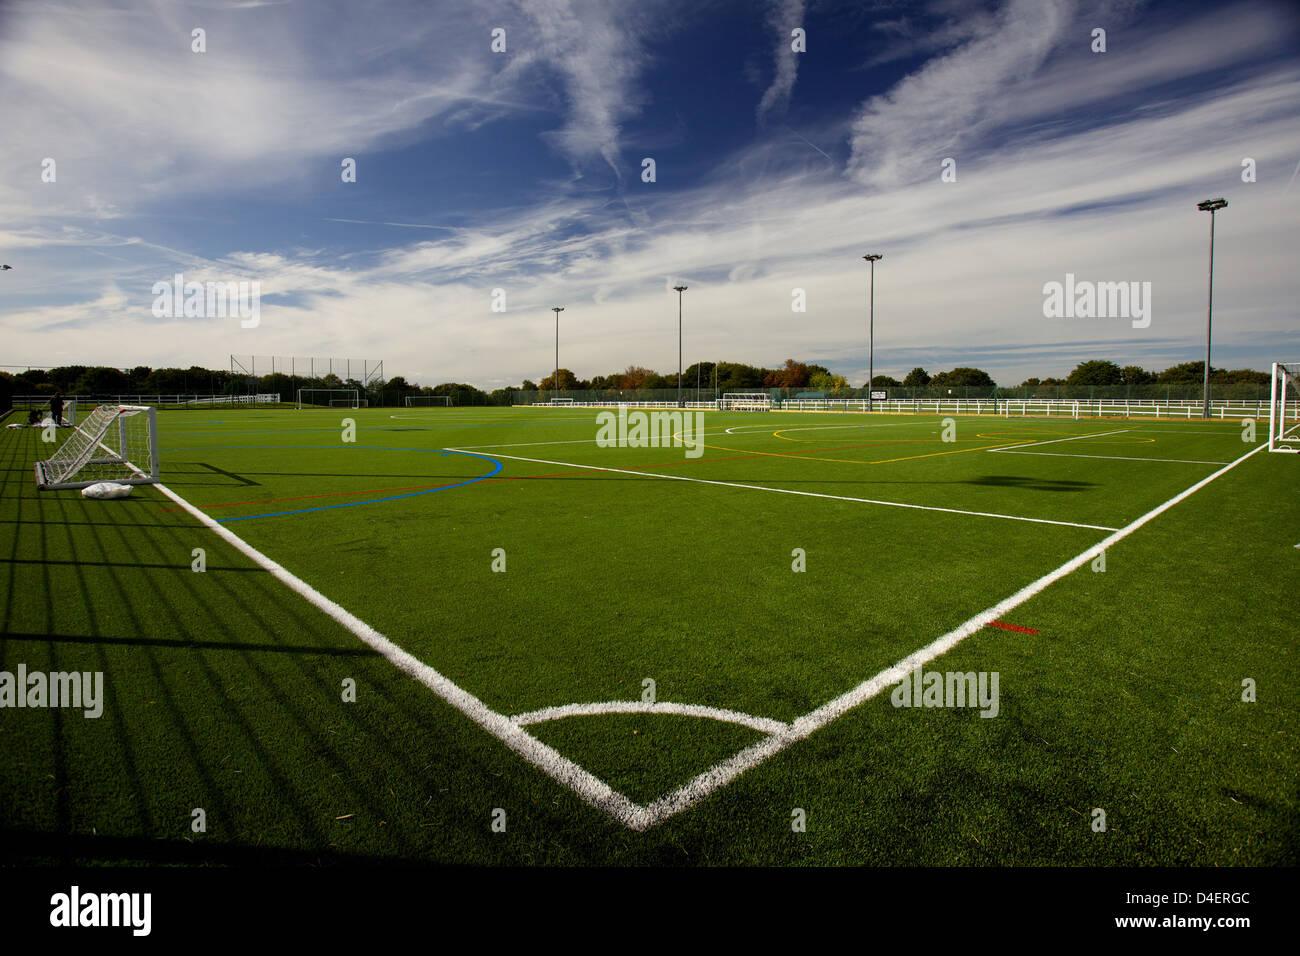 Terrain de sport 3G par Vicky image/iconphotomedia Matthers Banque D'Images